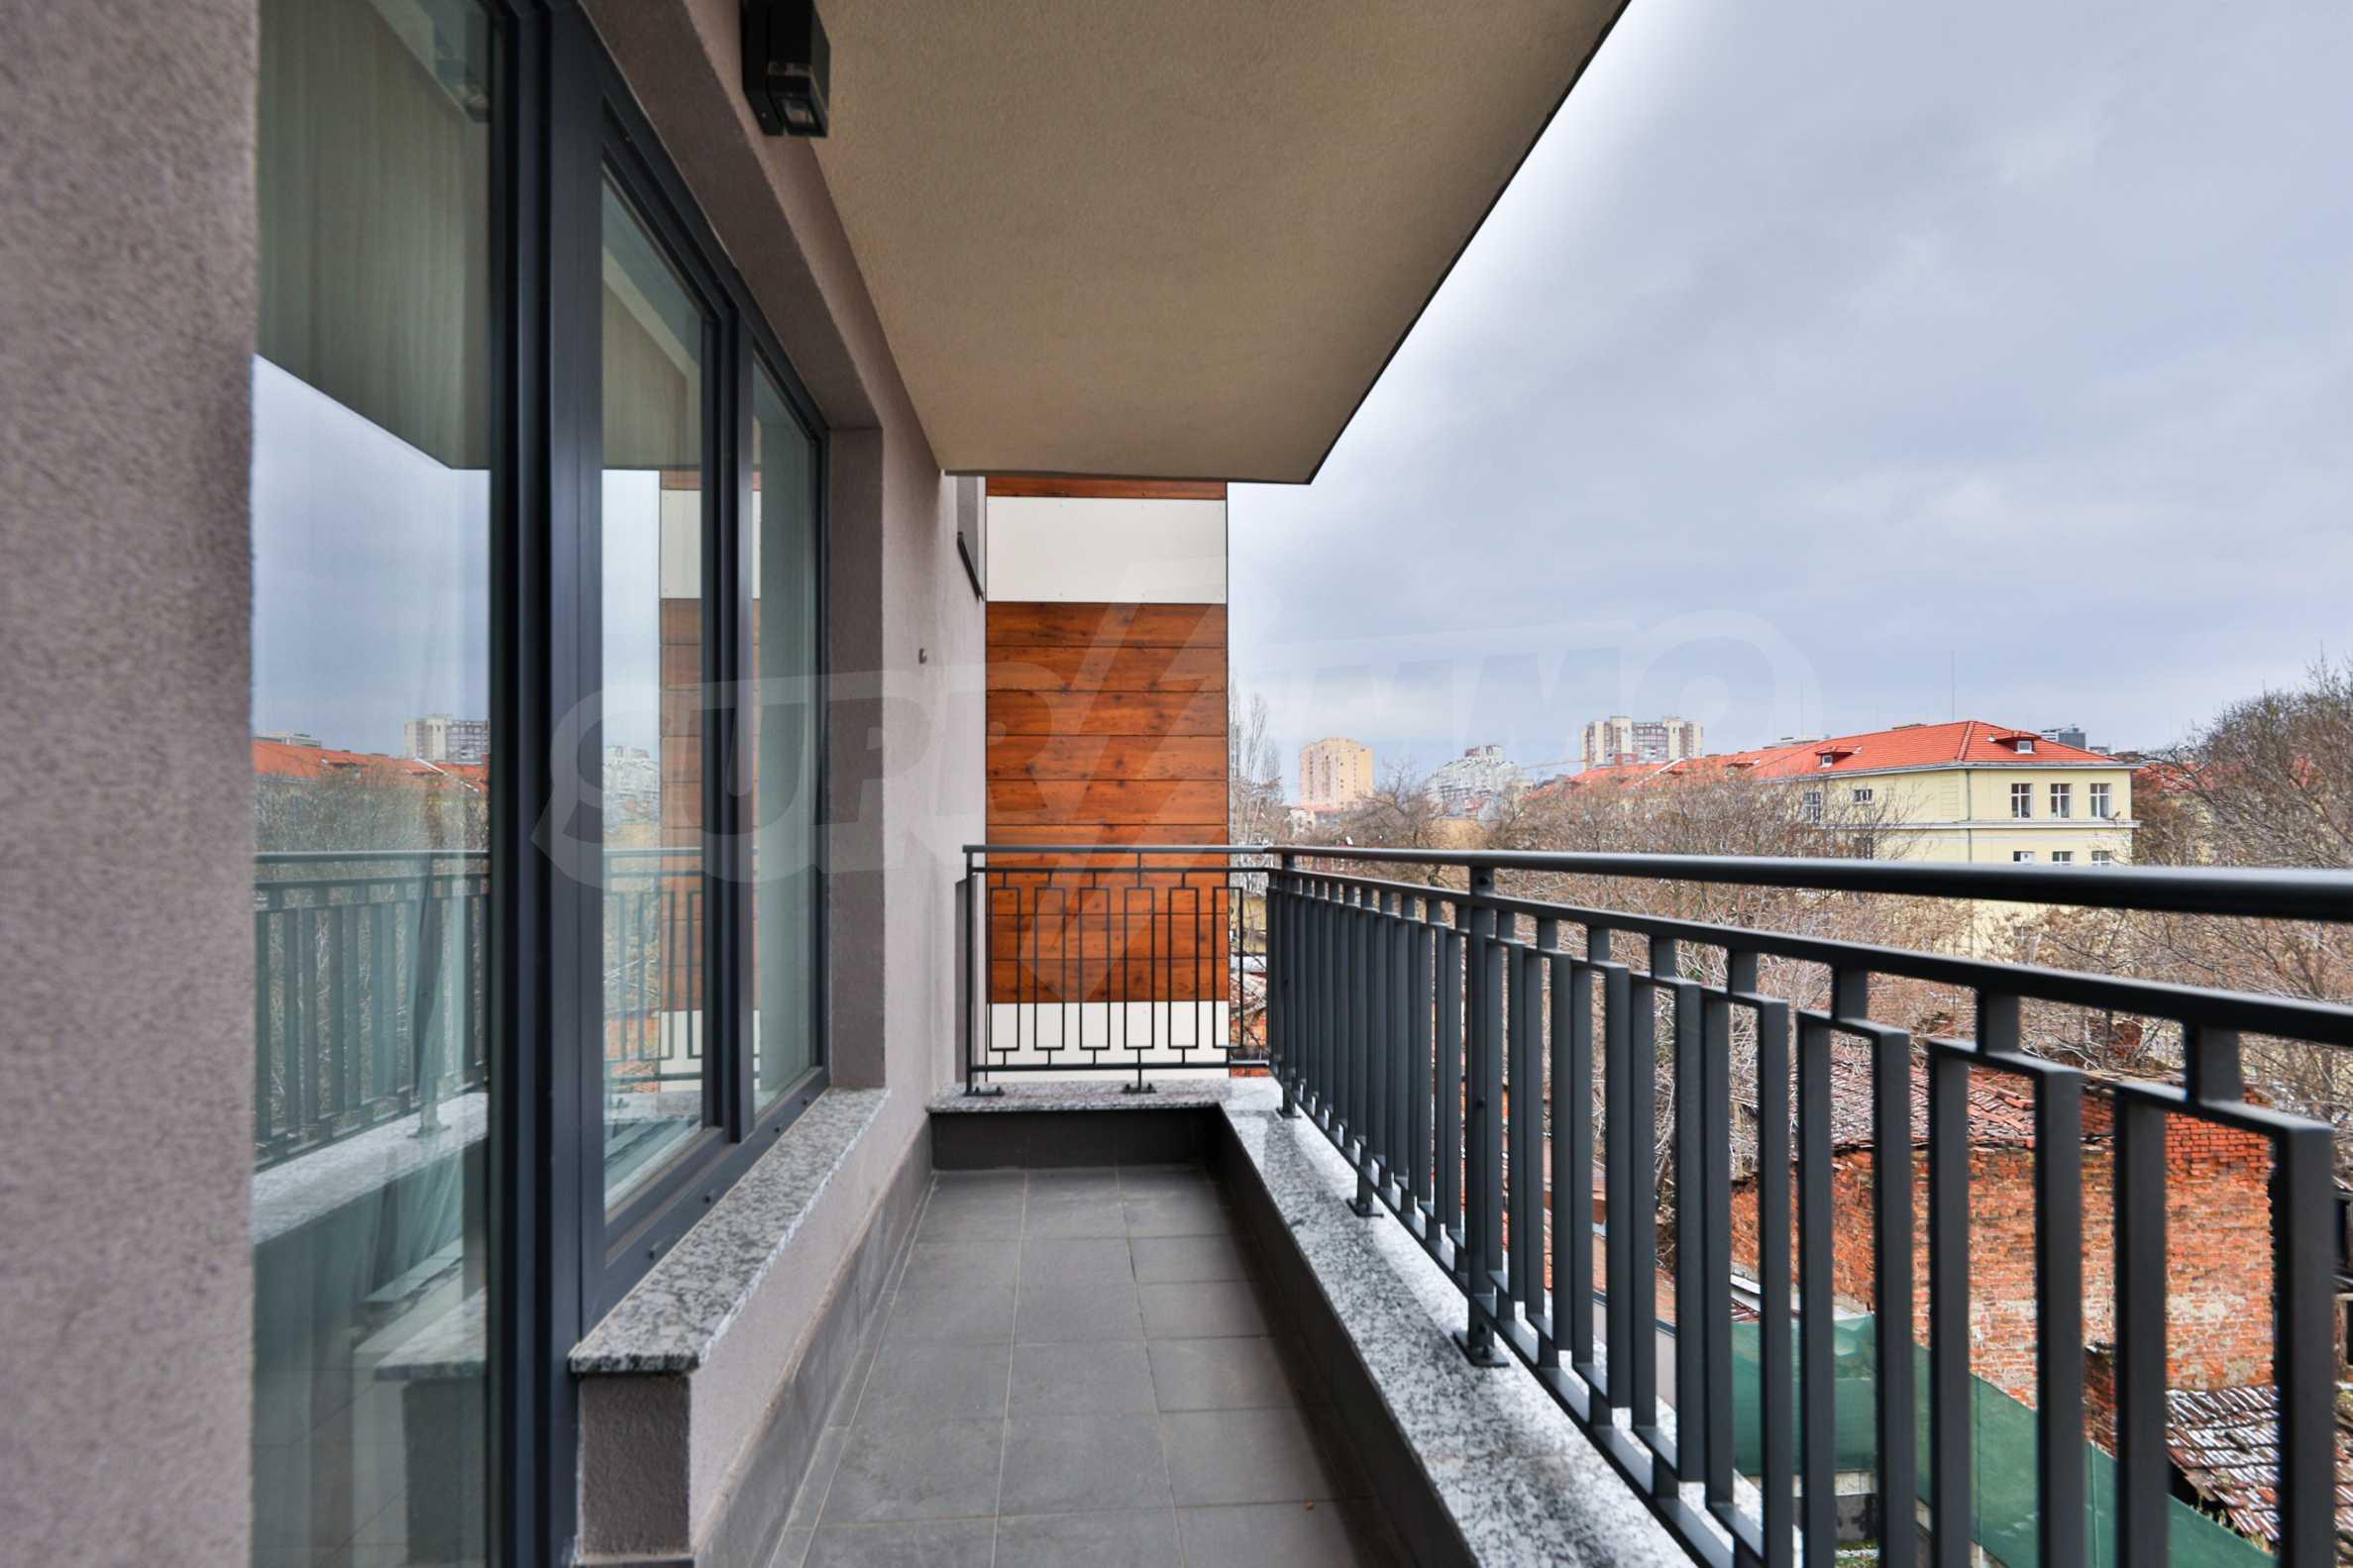 Нов, дизайнерски обзаведен двустаен апартамент с гараж в Центъра до метростанция и парк 4